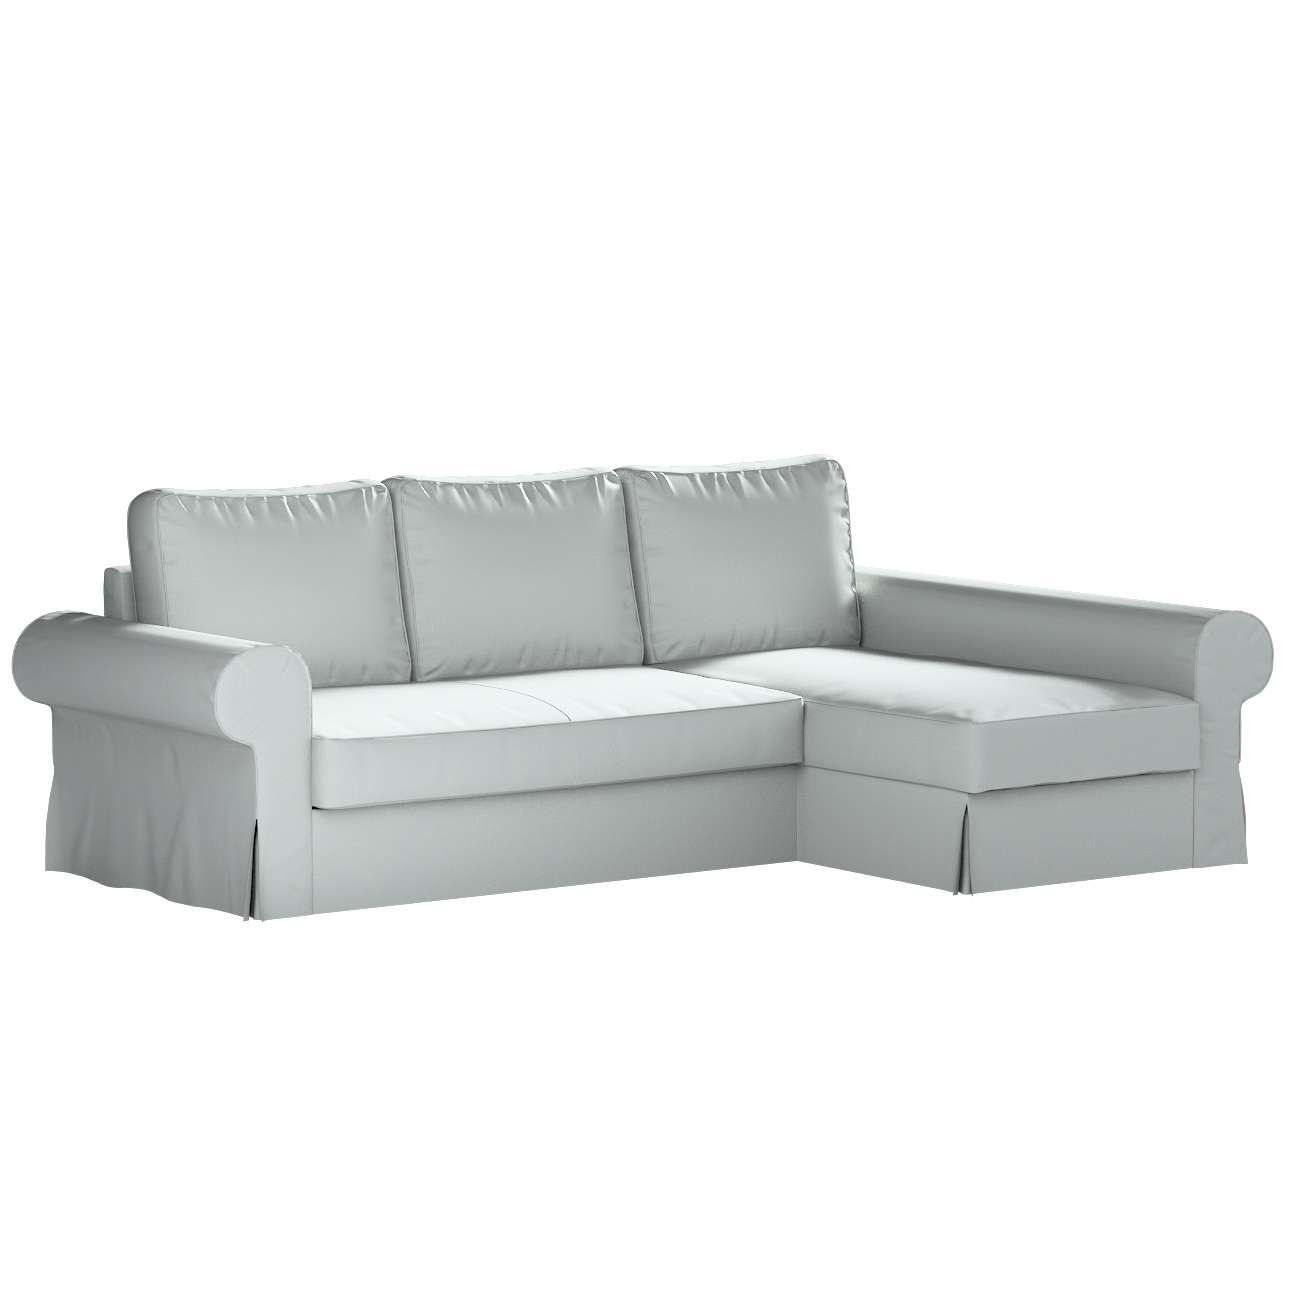 Pokrowiec na sofę Backabro rozkładaną z leżanką w kolekcji Bergen, tkanina: 161-72